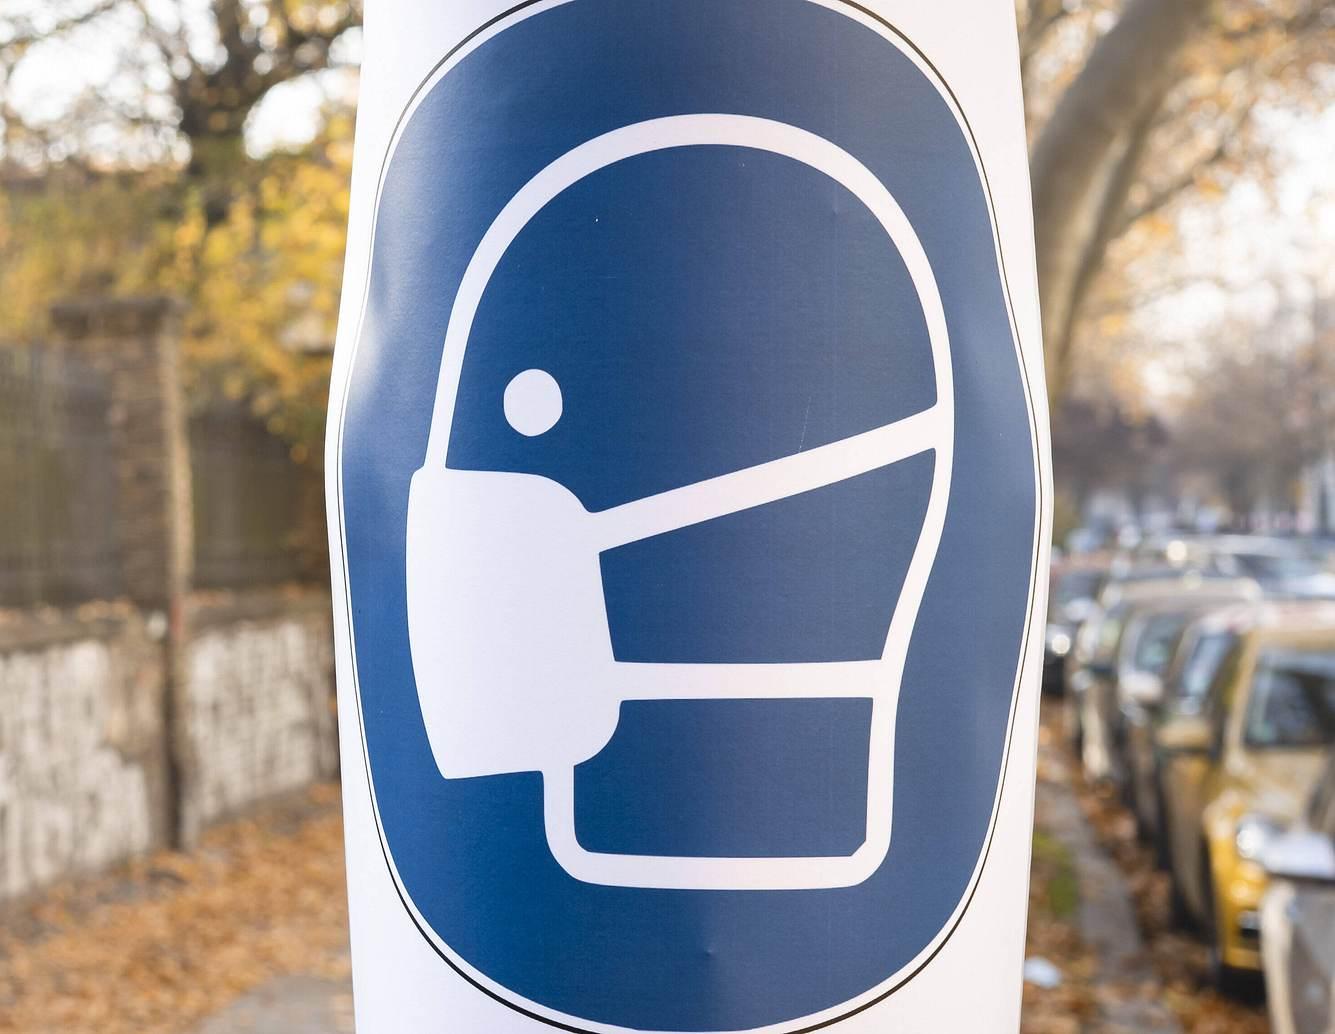 Maskenpflicht-Schild auf der Straße